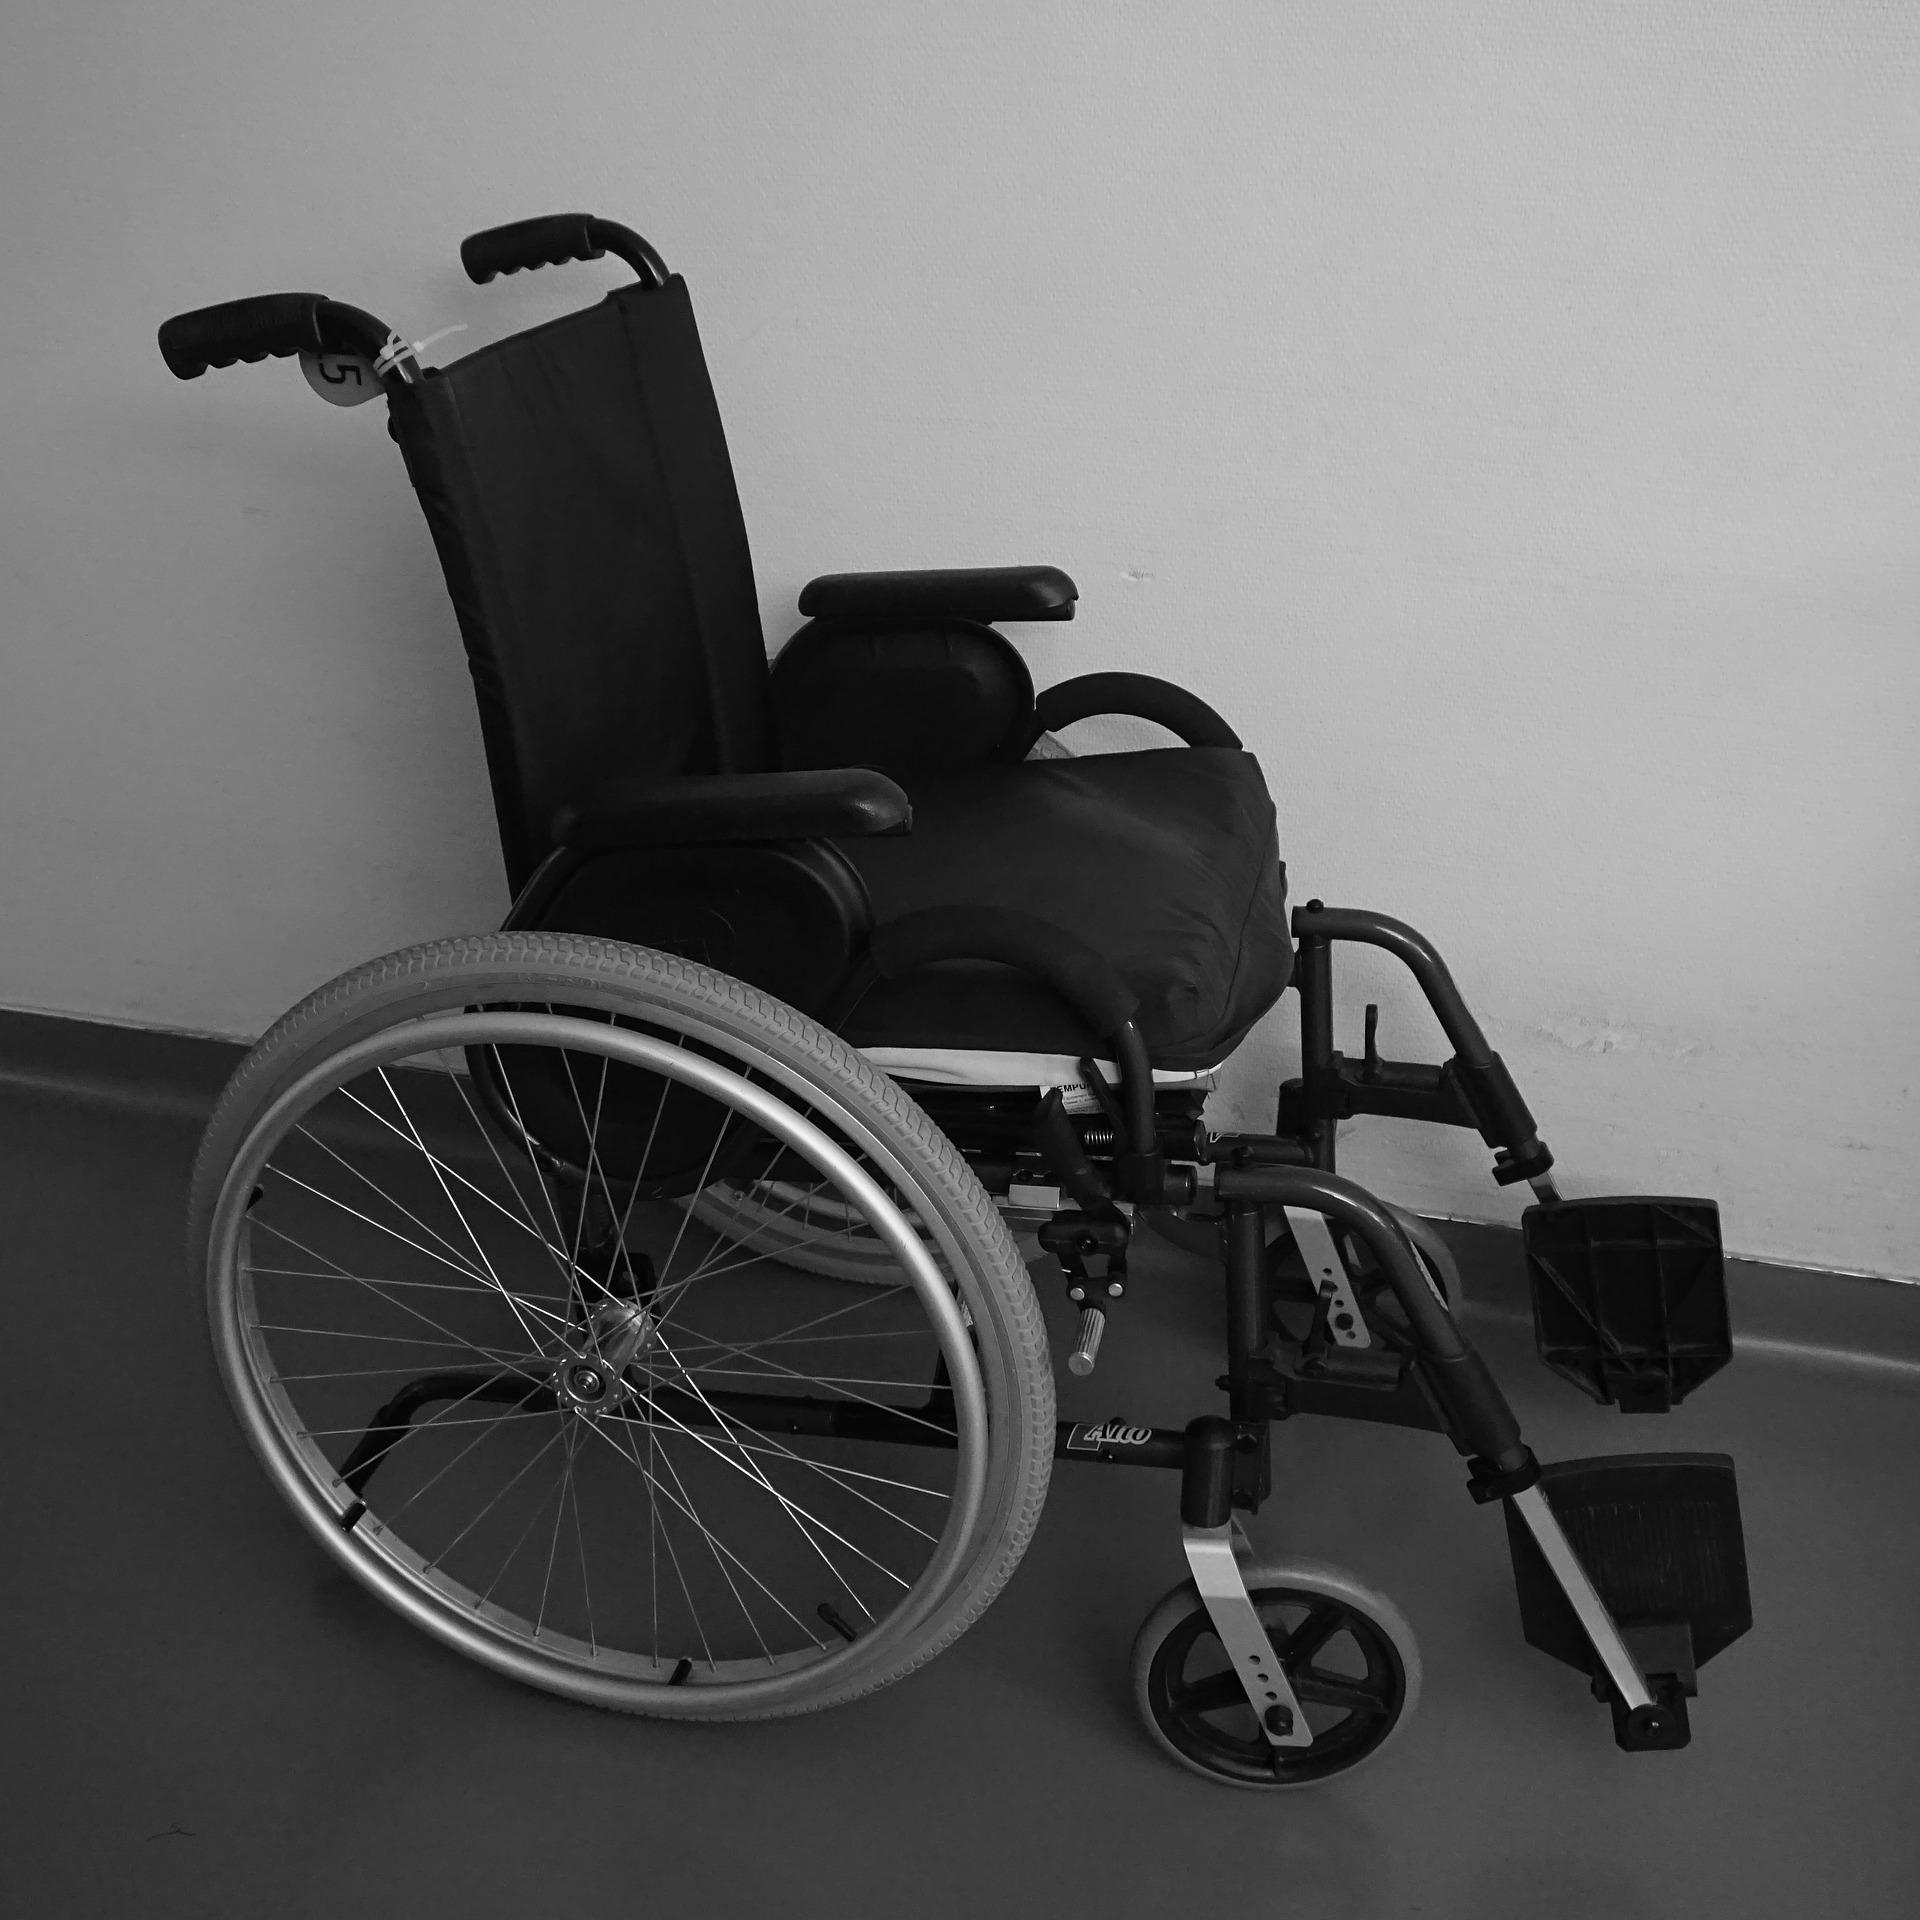 wheelchair-2217029_1920.jpg